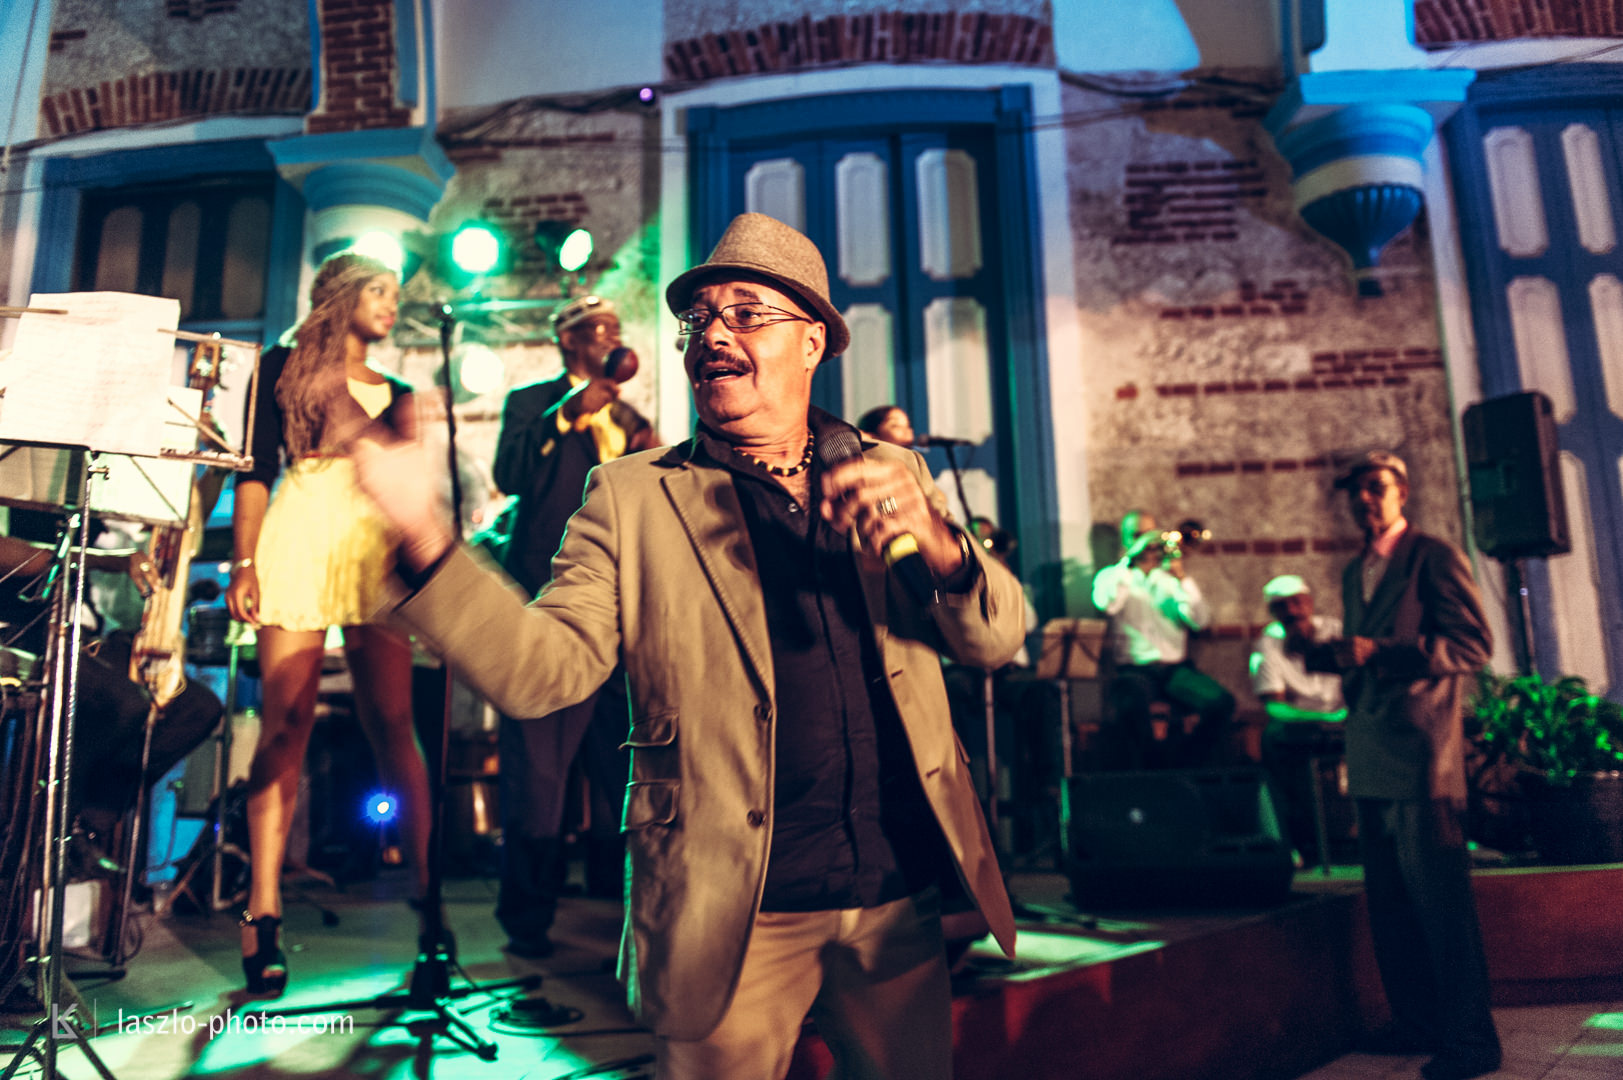 Cuba - Buena Vista Social Club